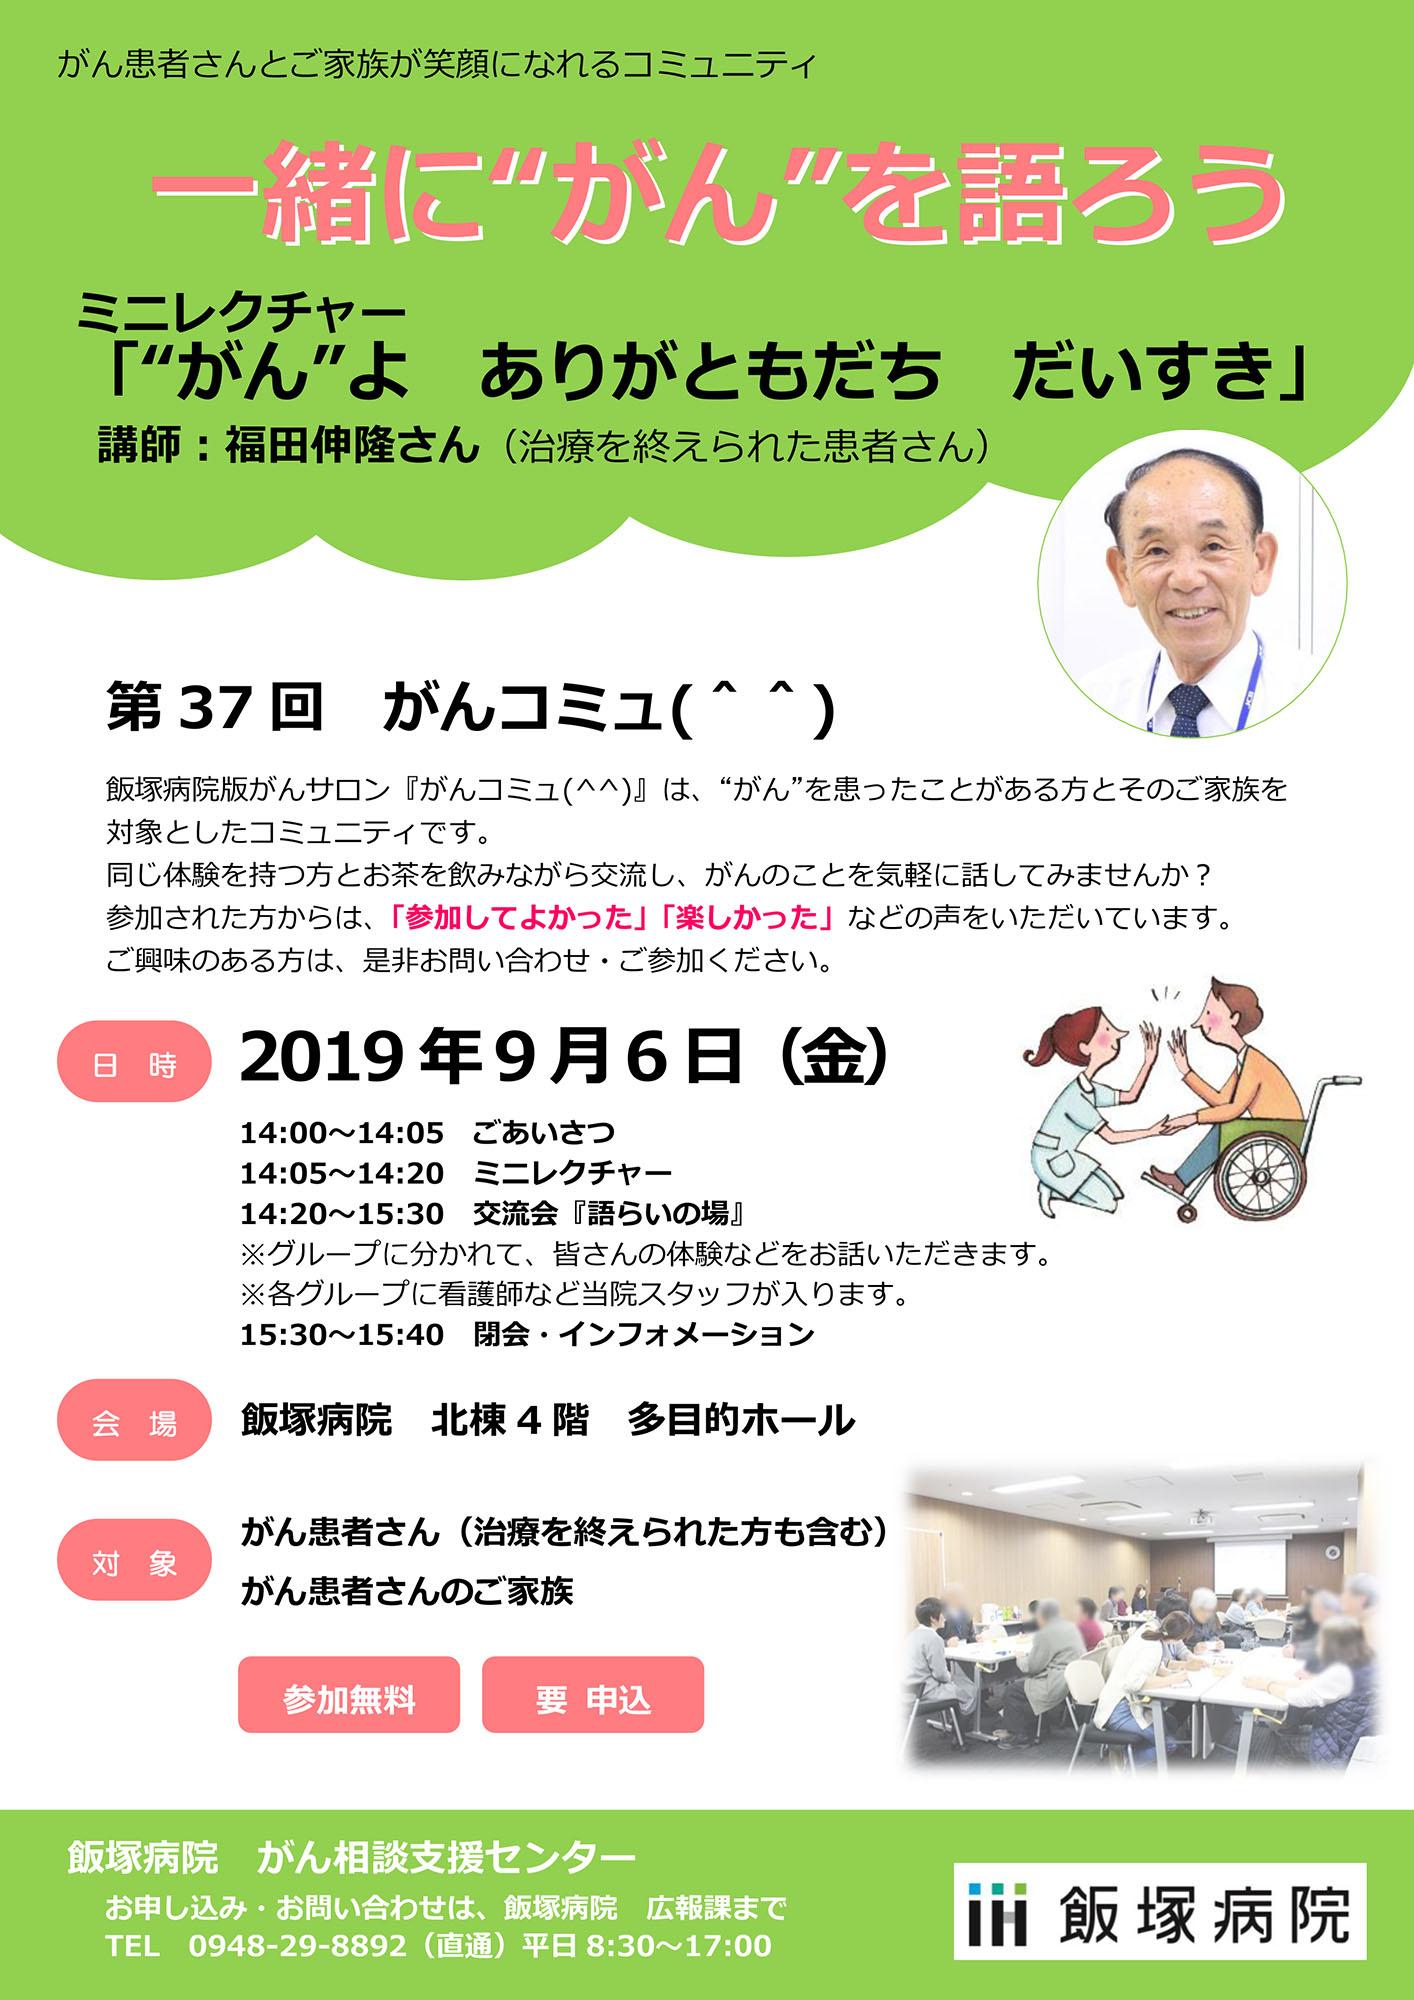 飯塚病院 第37回 がんコミュ